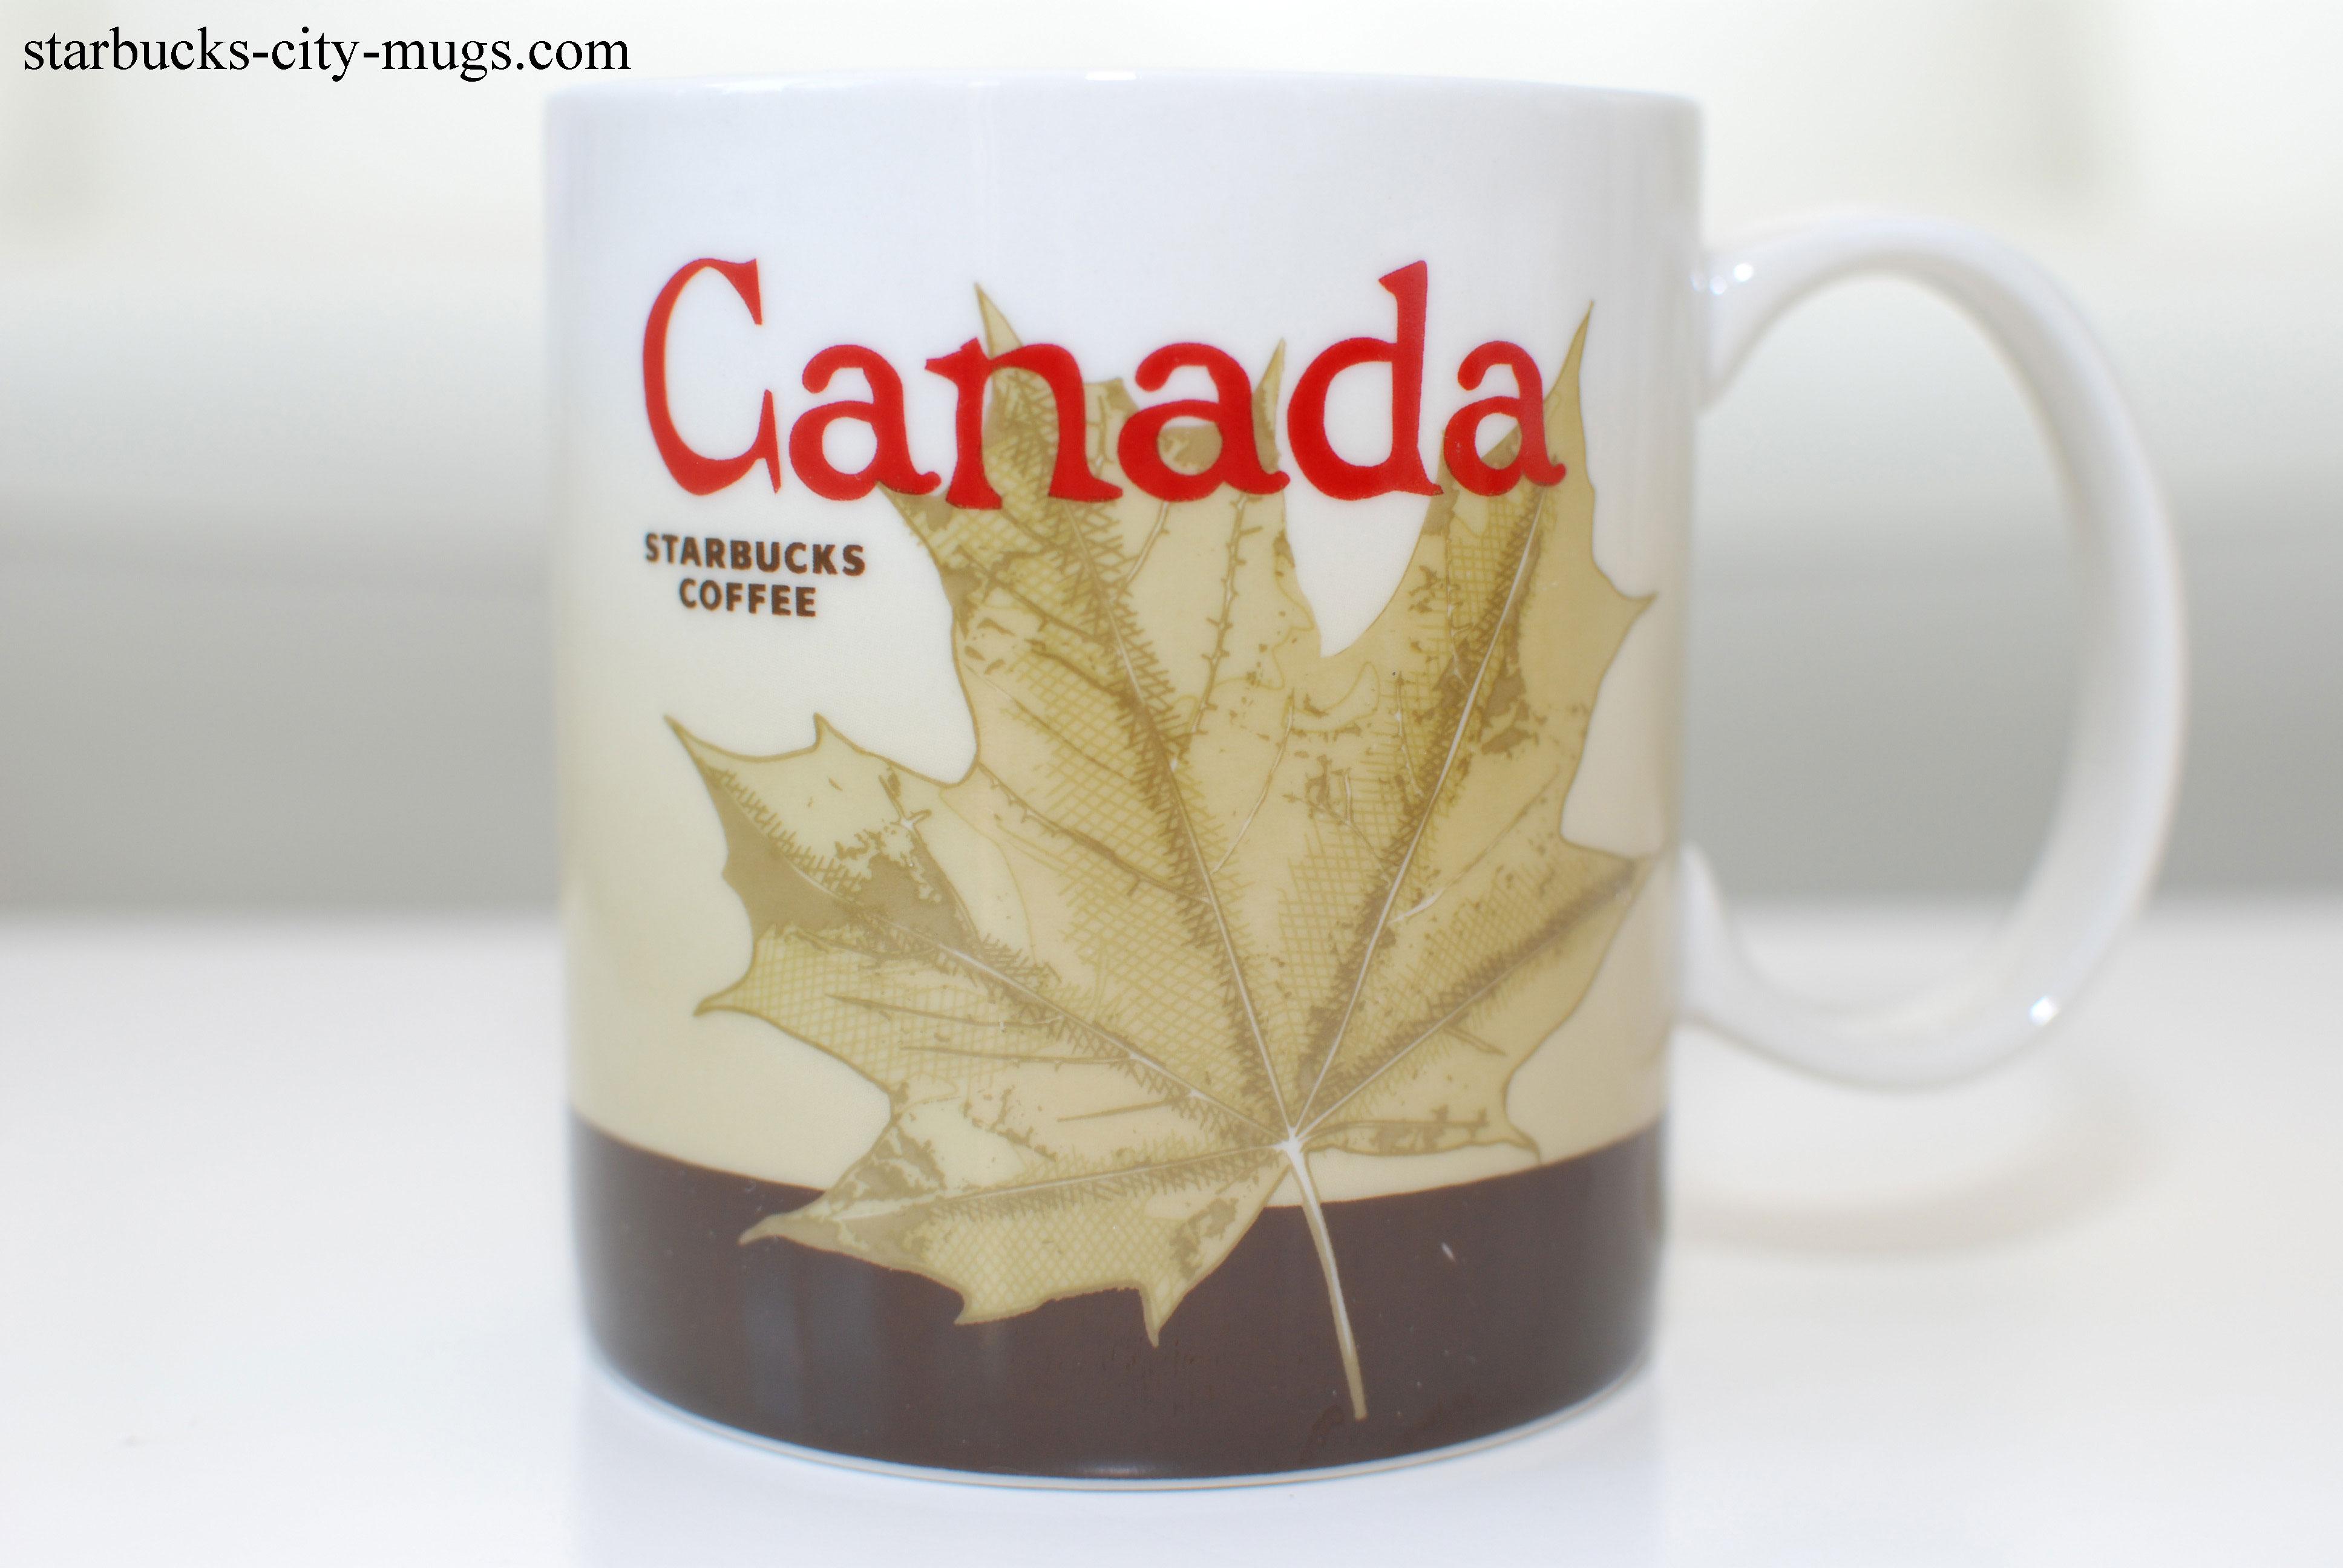 Canada starbucks city mugs